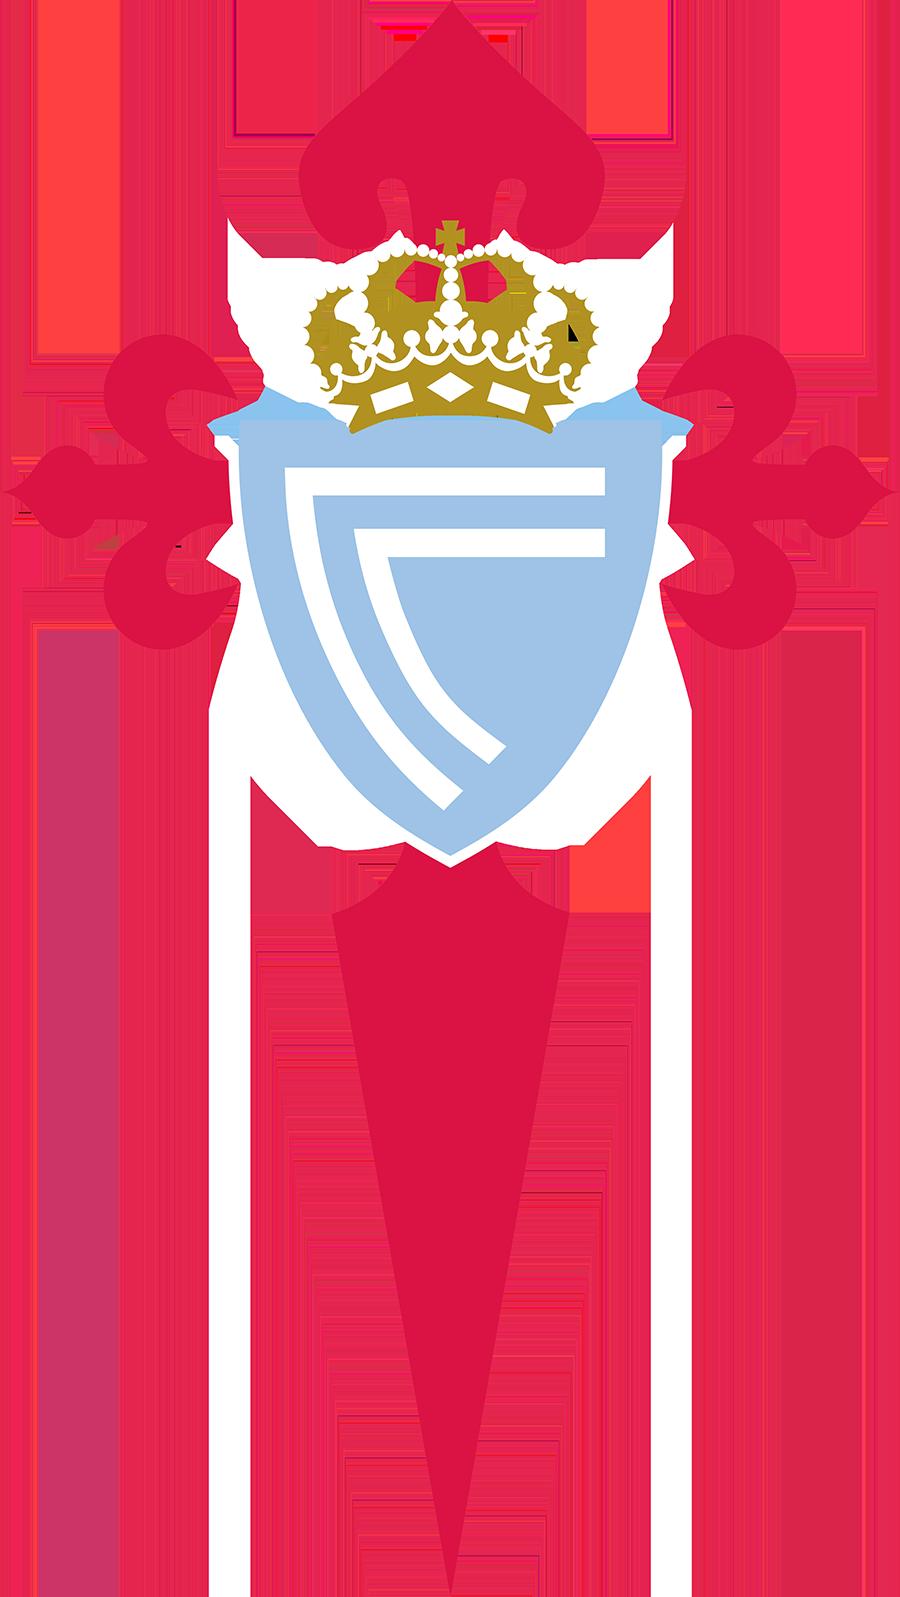 Logo Celta De Vigo trong 2020 Bóng đá